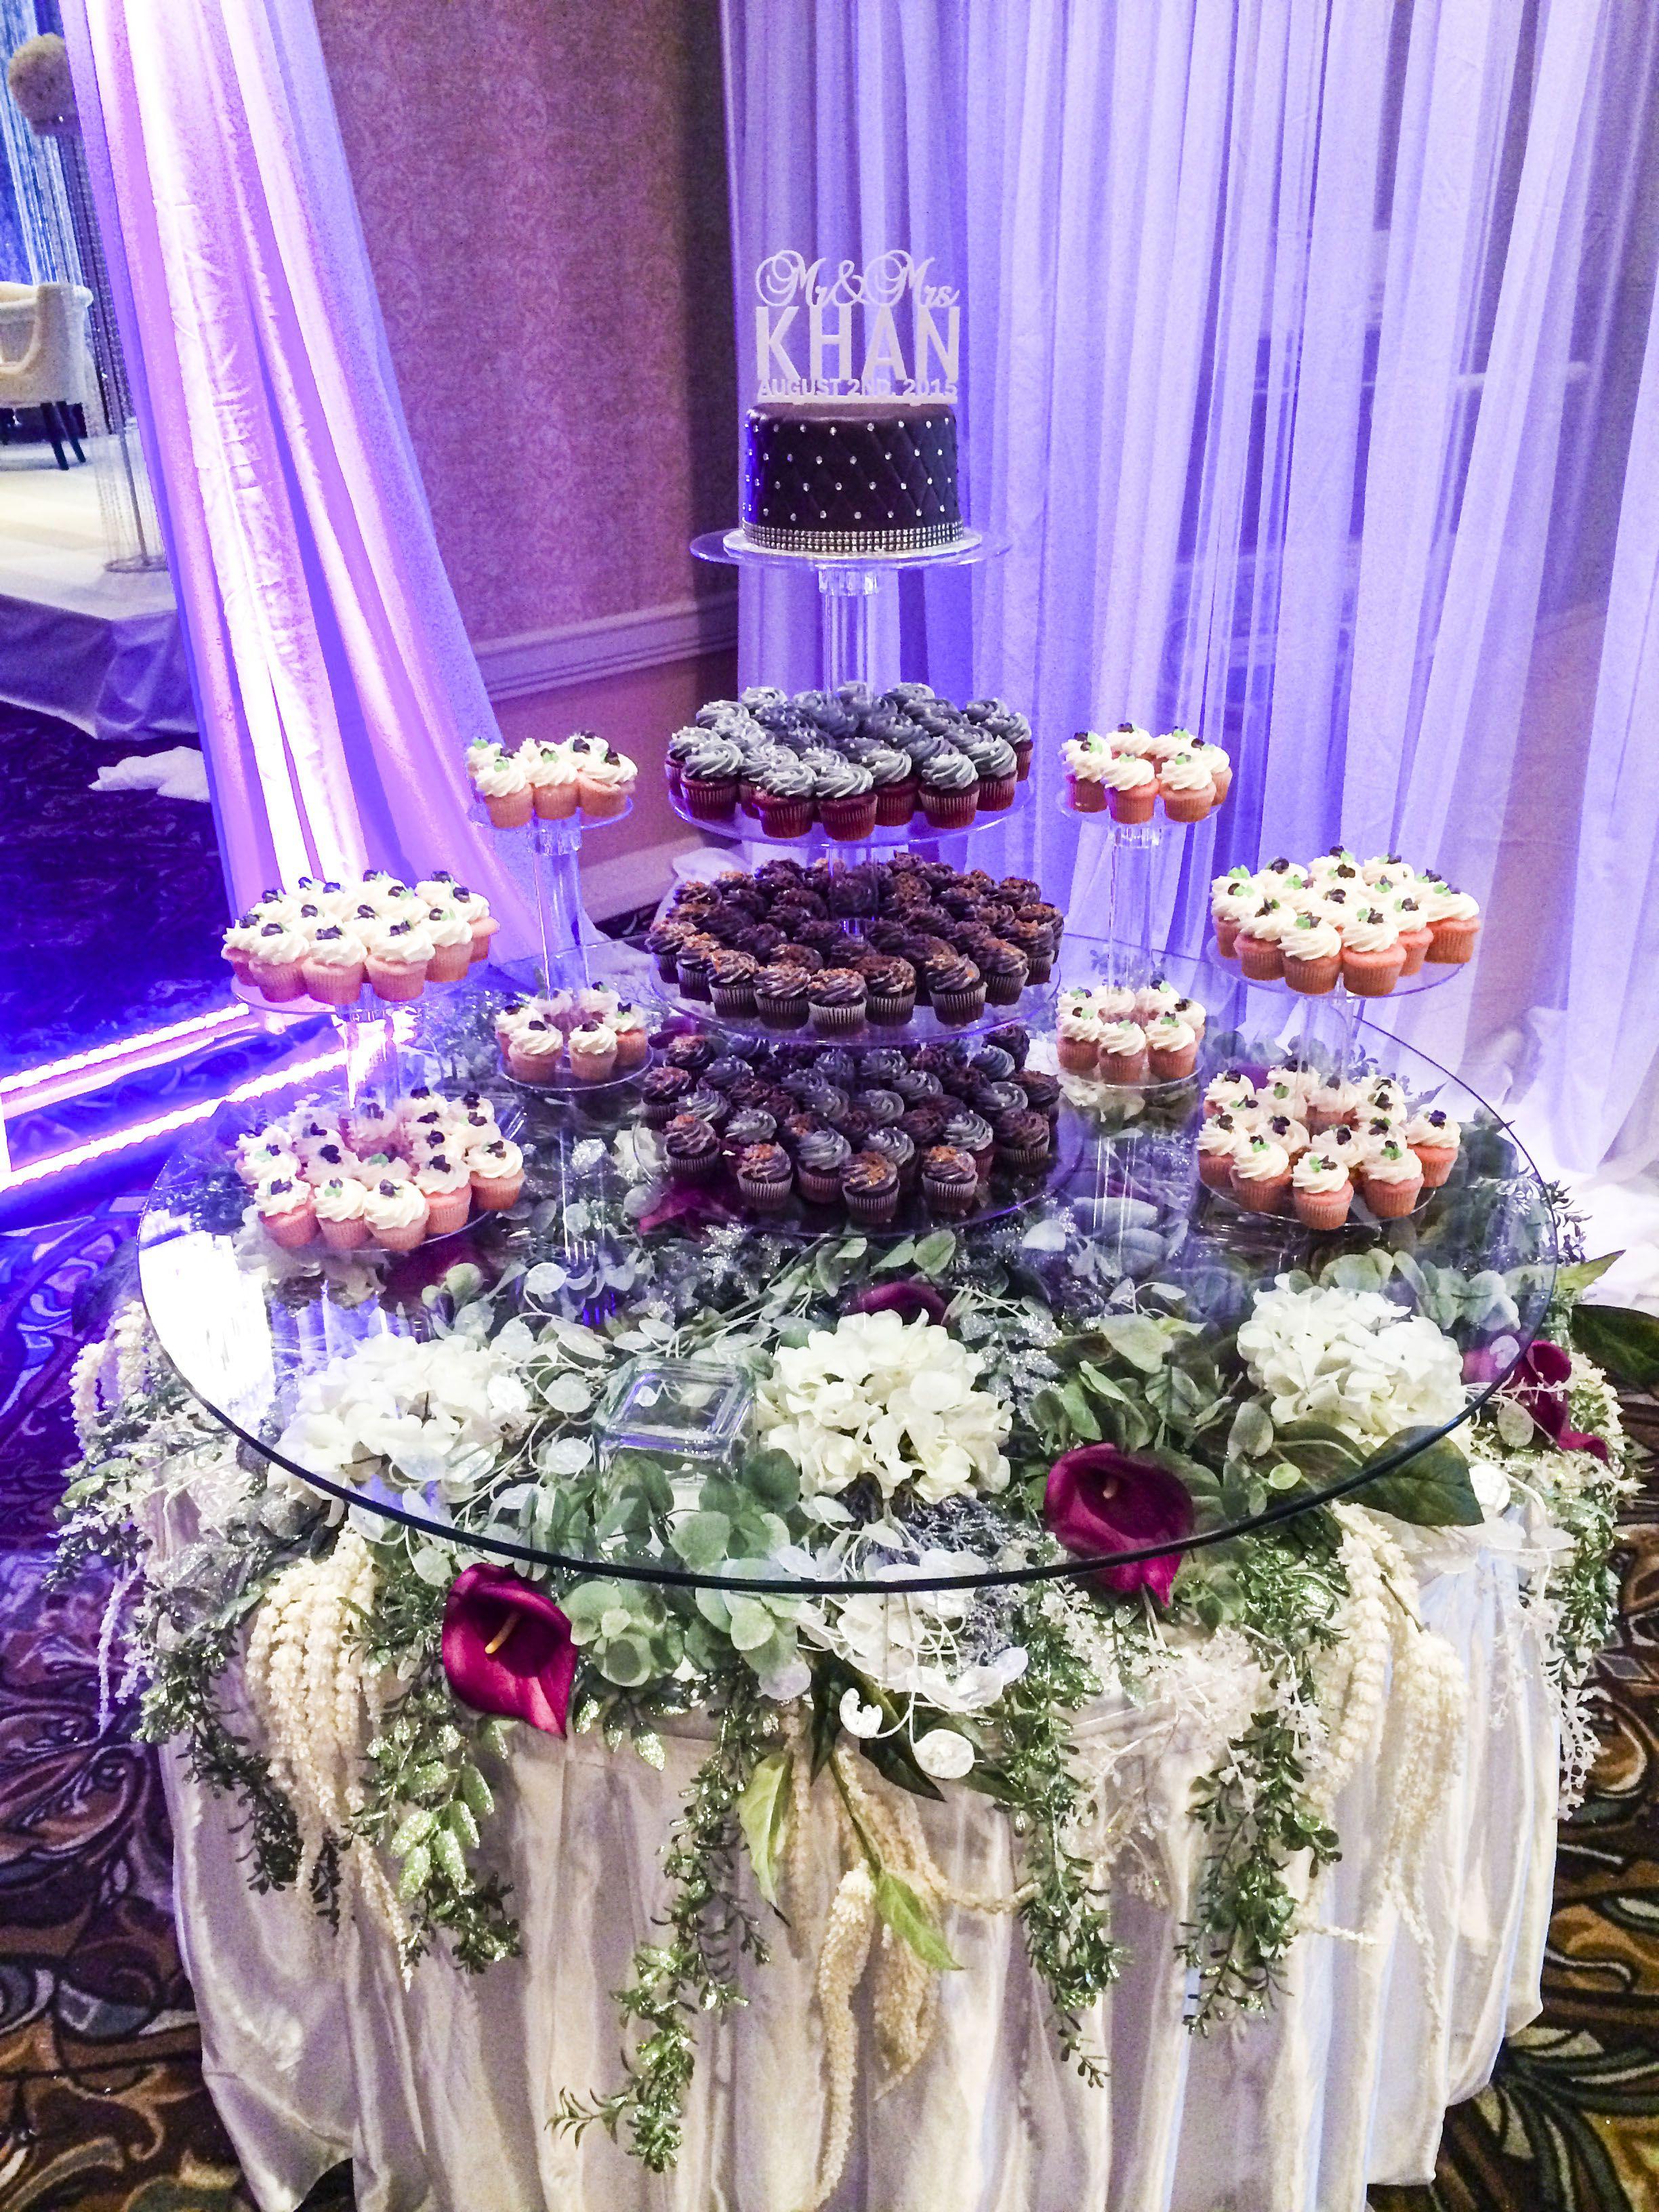 Grand Elegant Bling Wedding Cake Table Lachefs Lachefsdecor Decor Purple Sil Elegant Wedding Centerpiece Wedding Cake Elegant Bling Wedding Decor Elegant